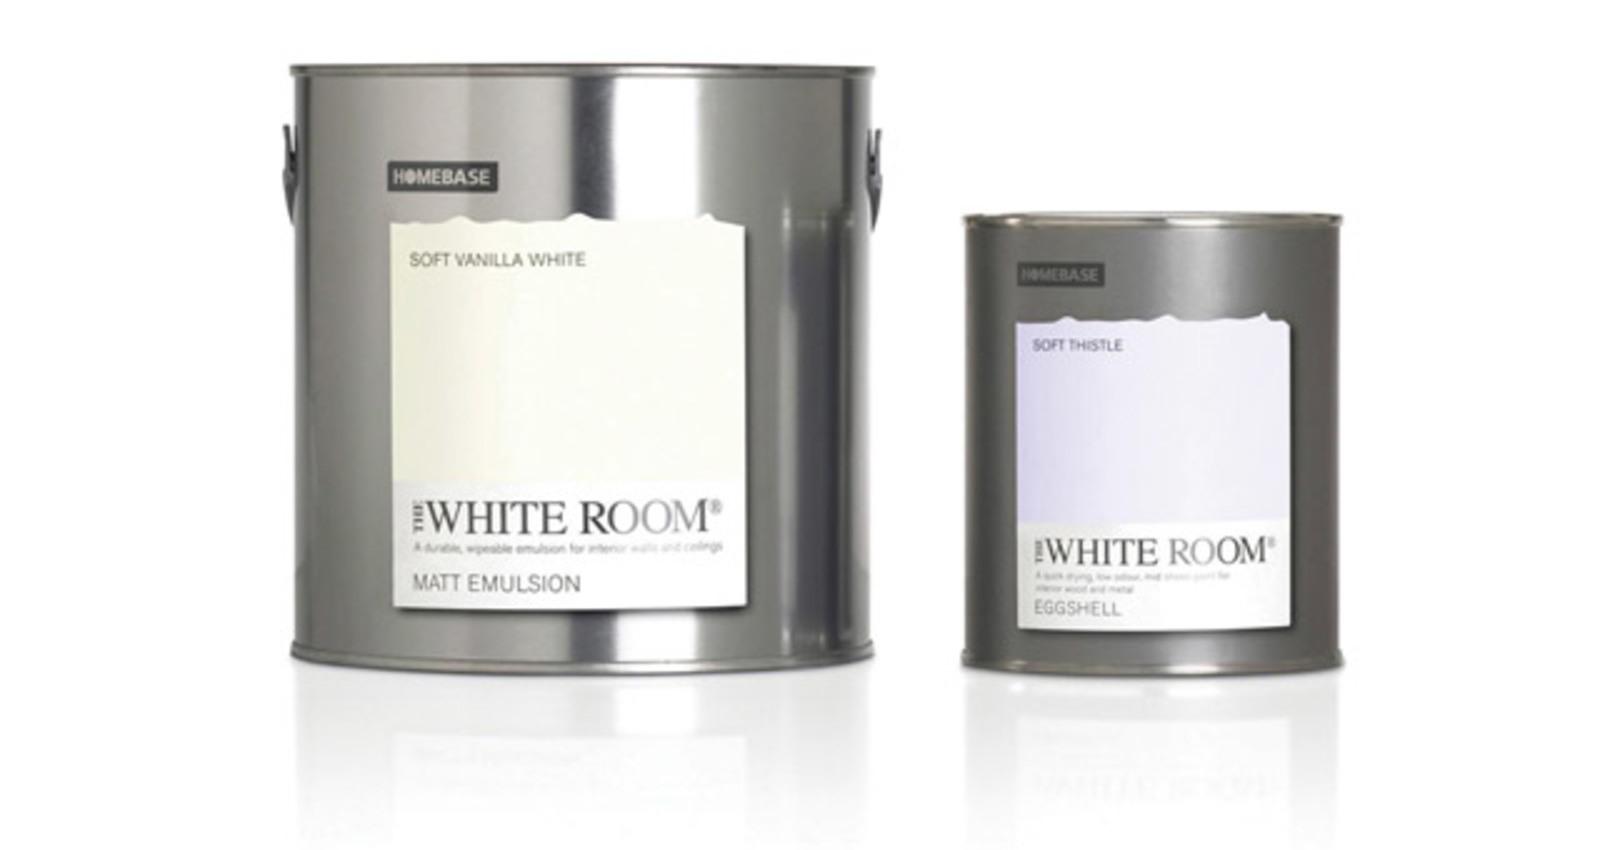 Homebase Own Brand